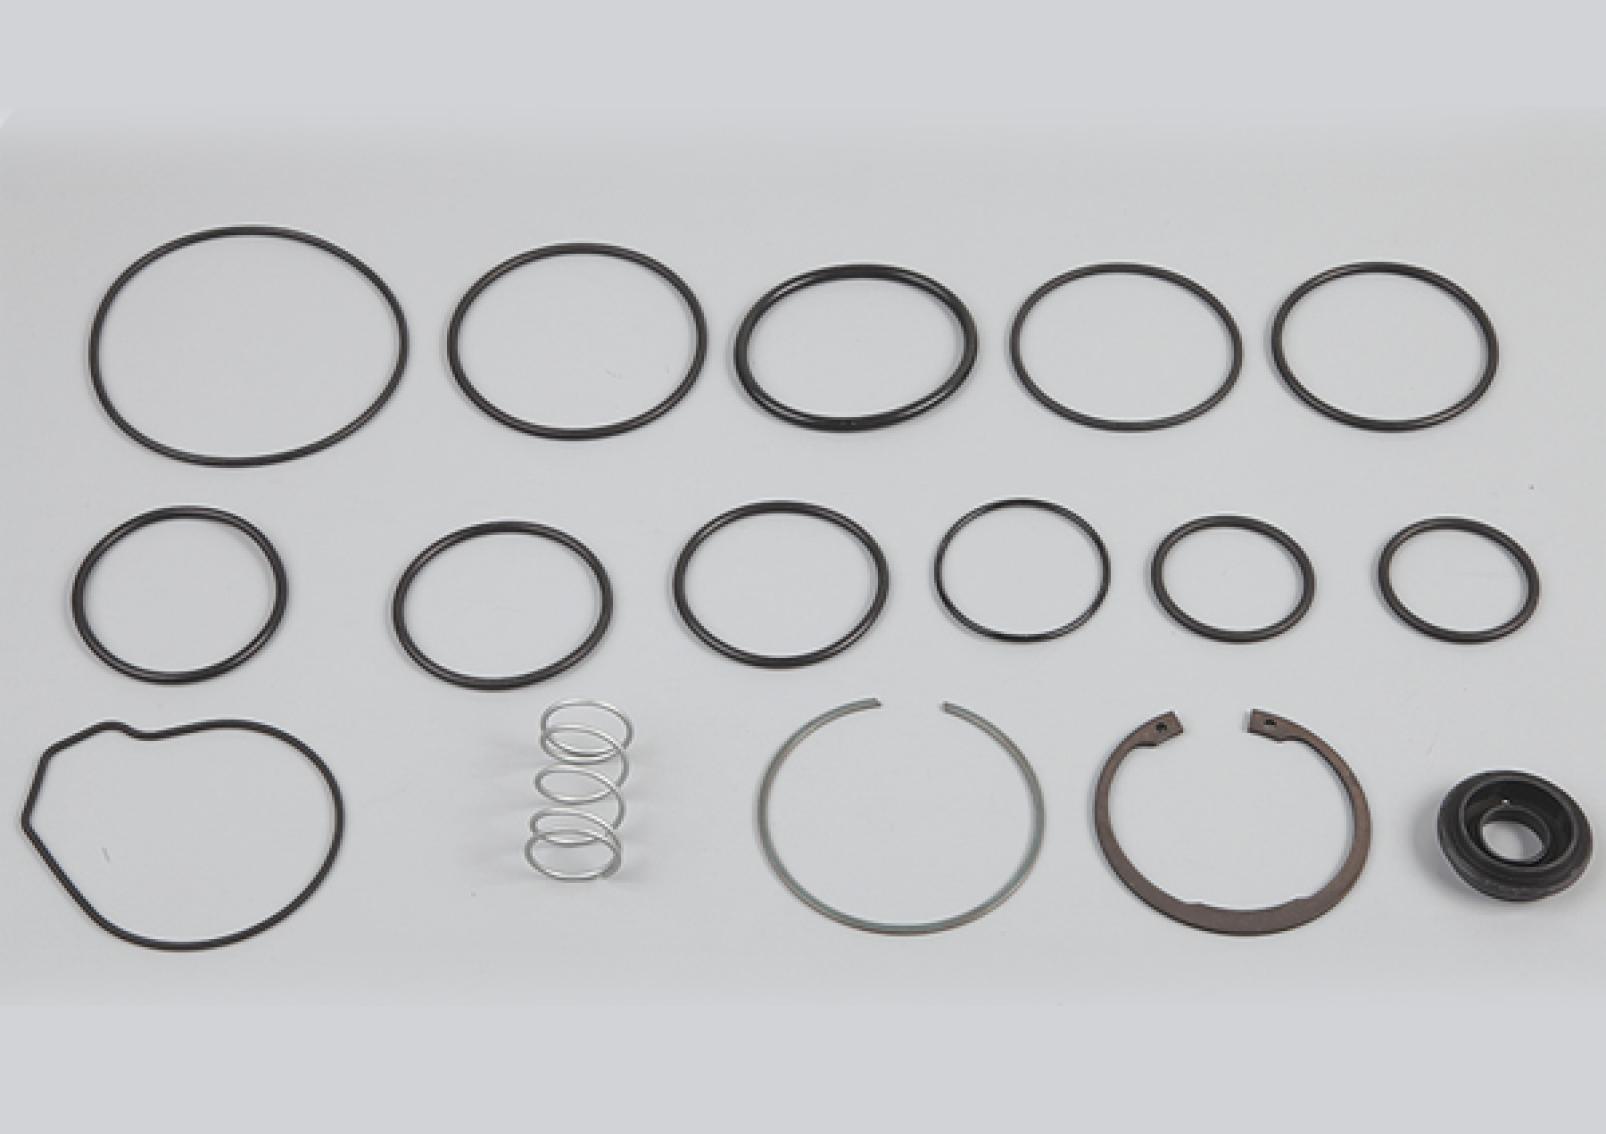 Ebs Trailer Control Valve Repair Kit, K000917